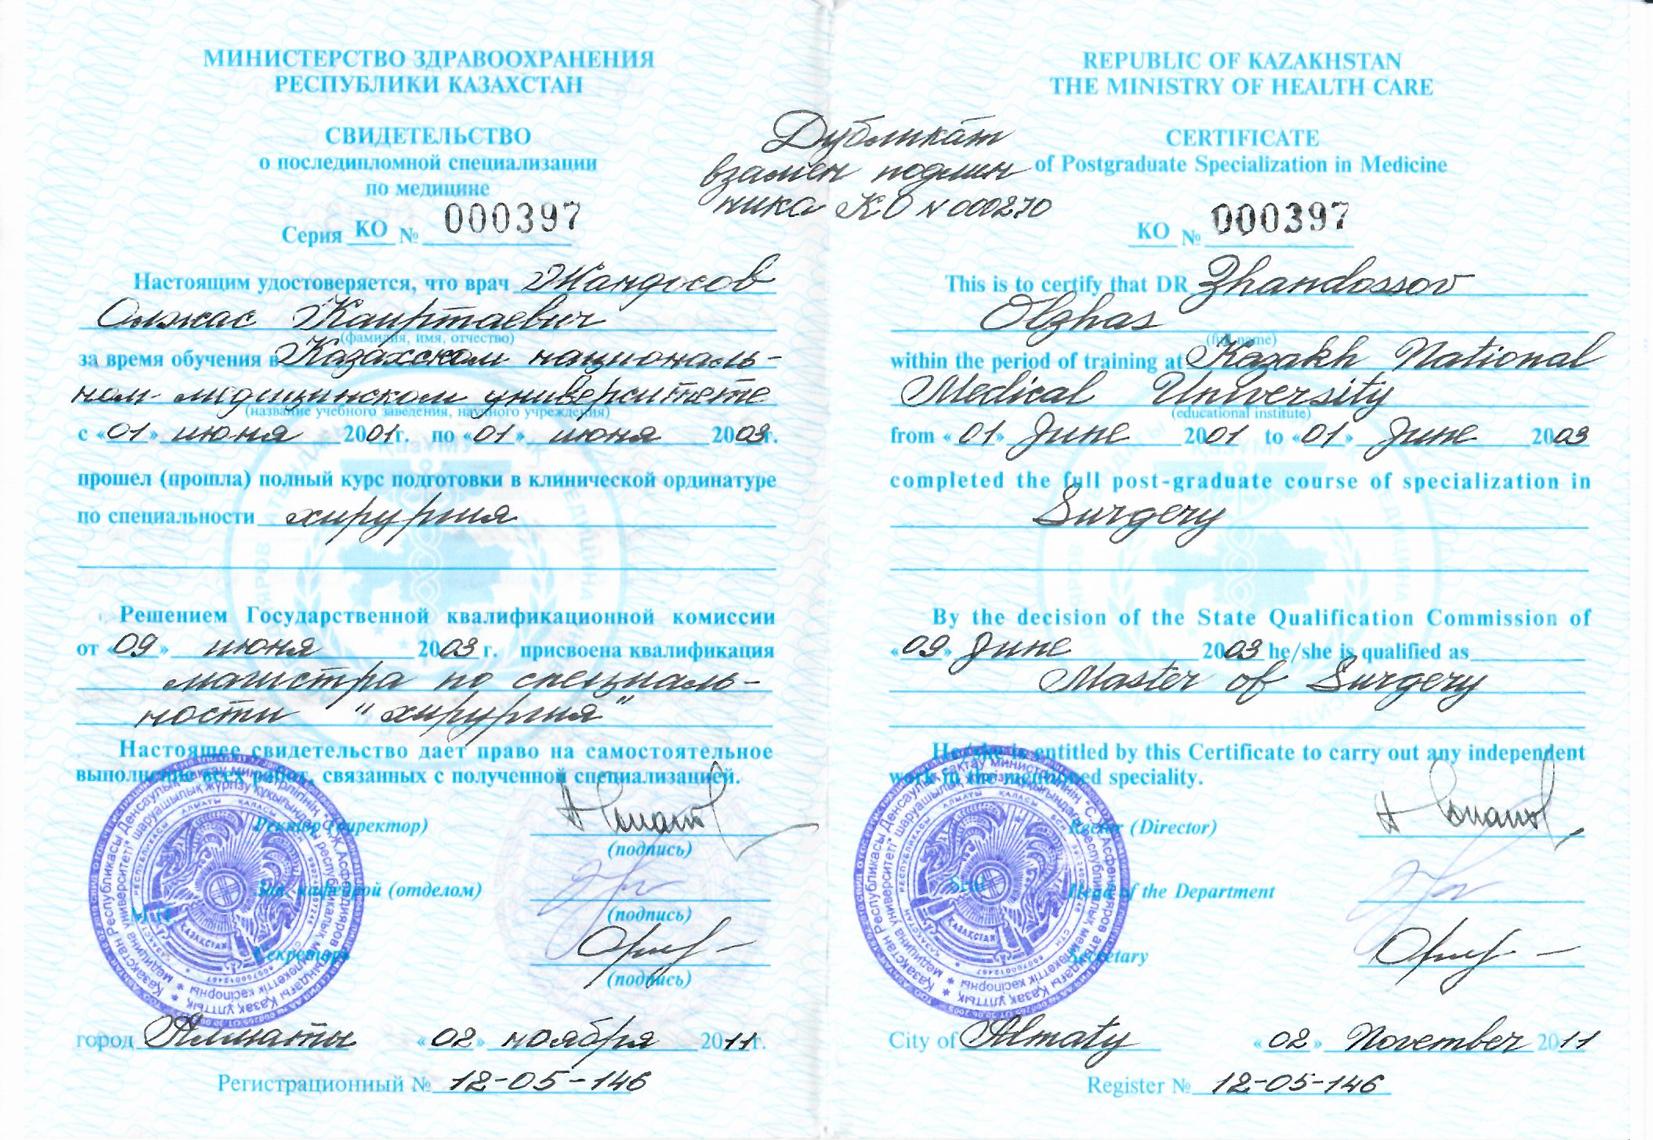 Свидетельство о последипломной специализации по медицине Олжас Жандосов